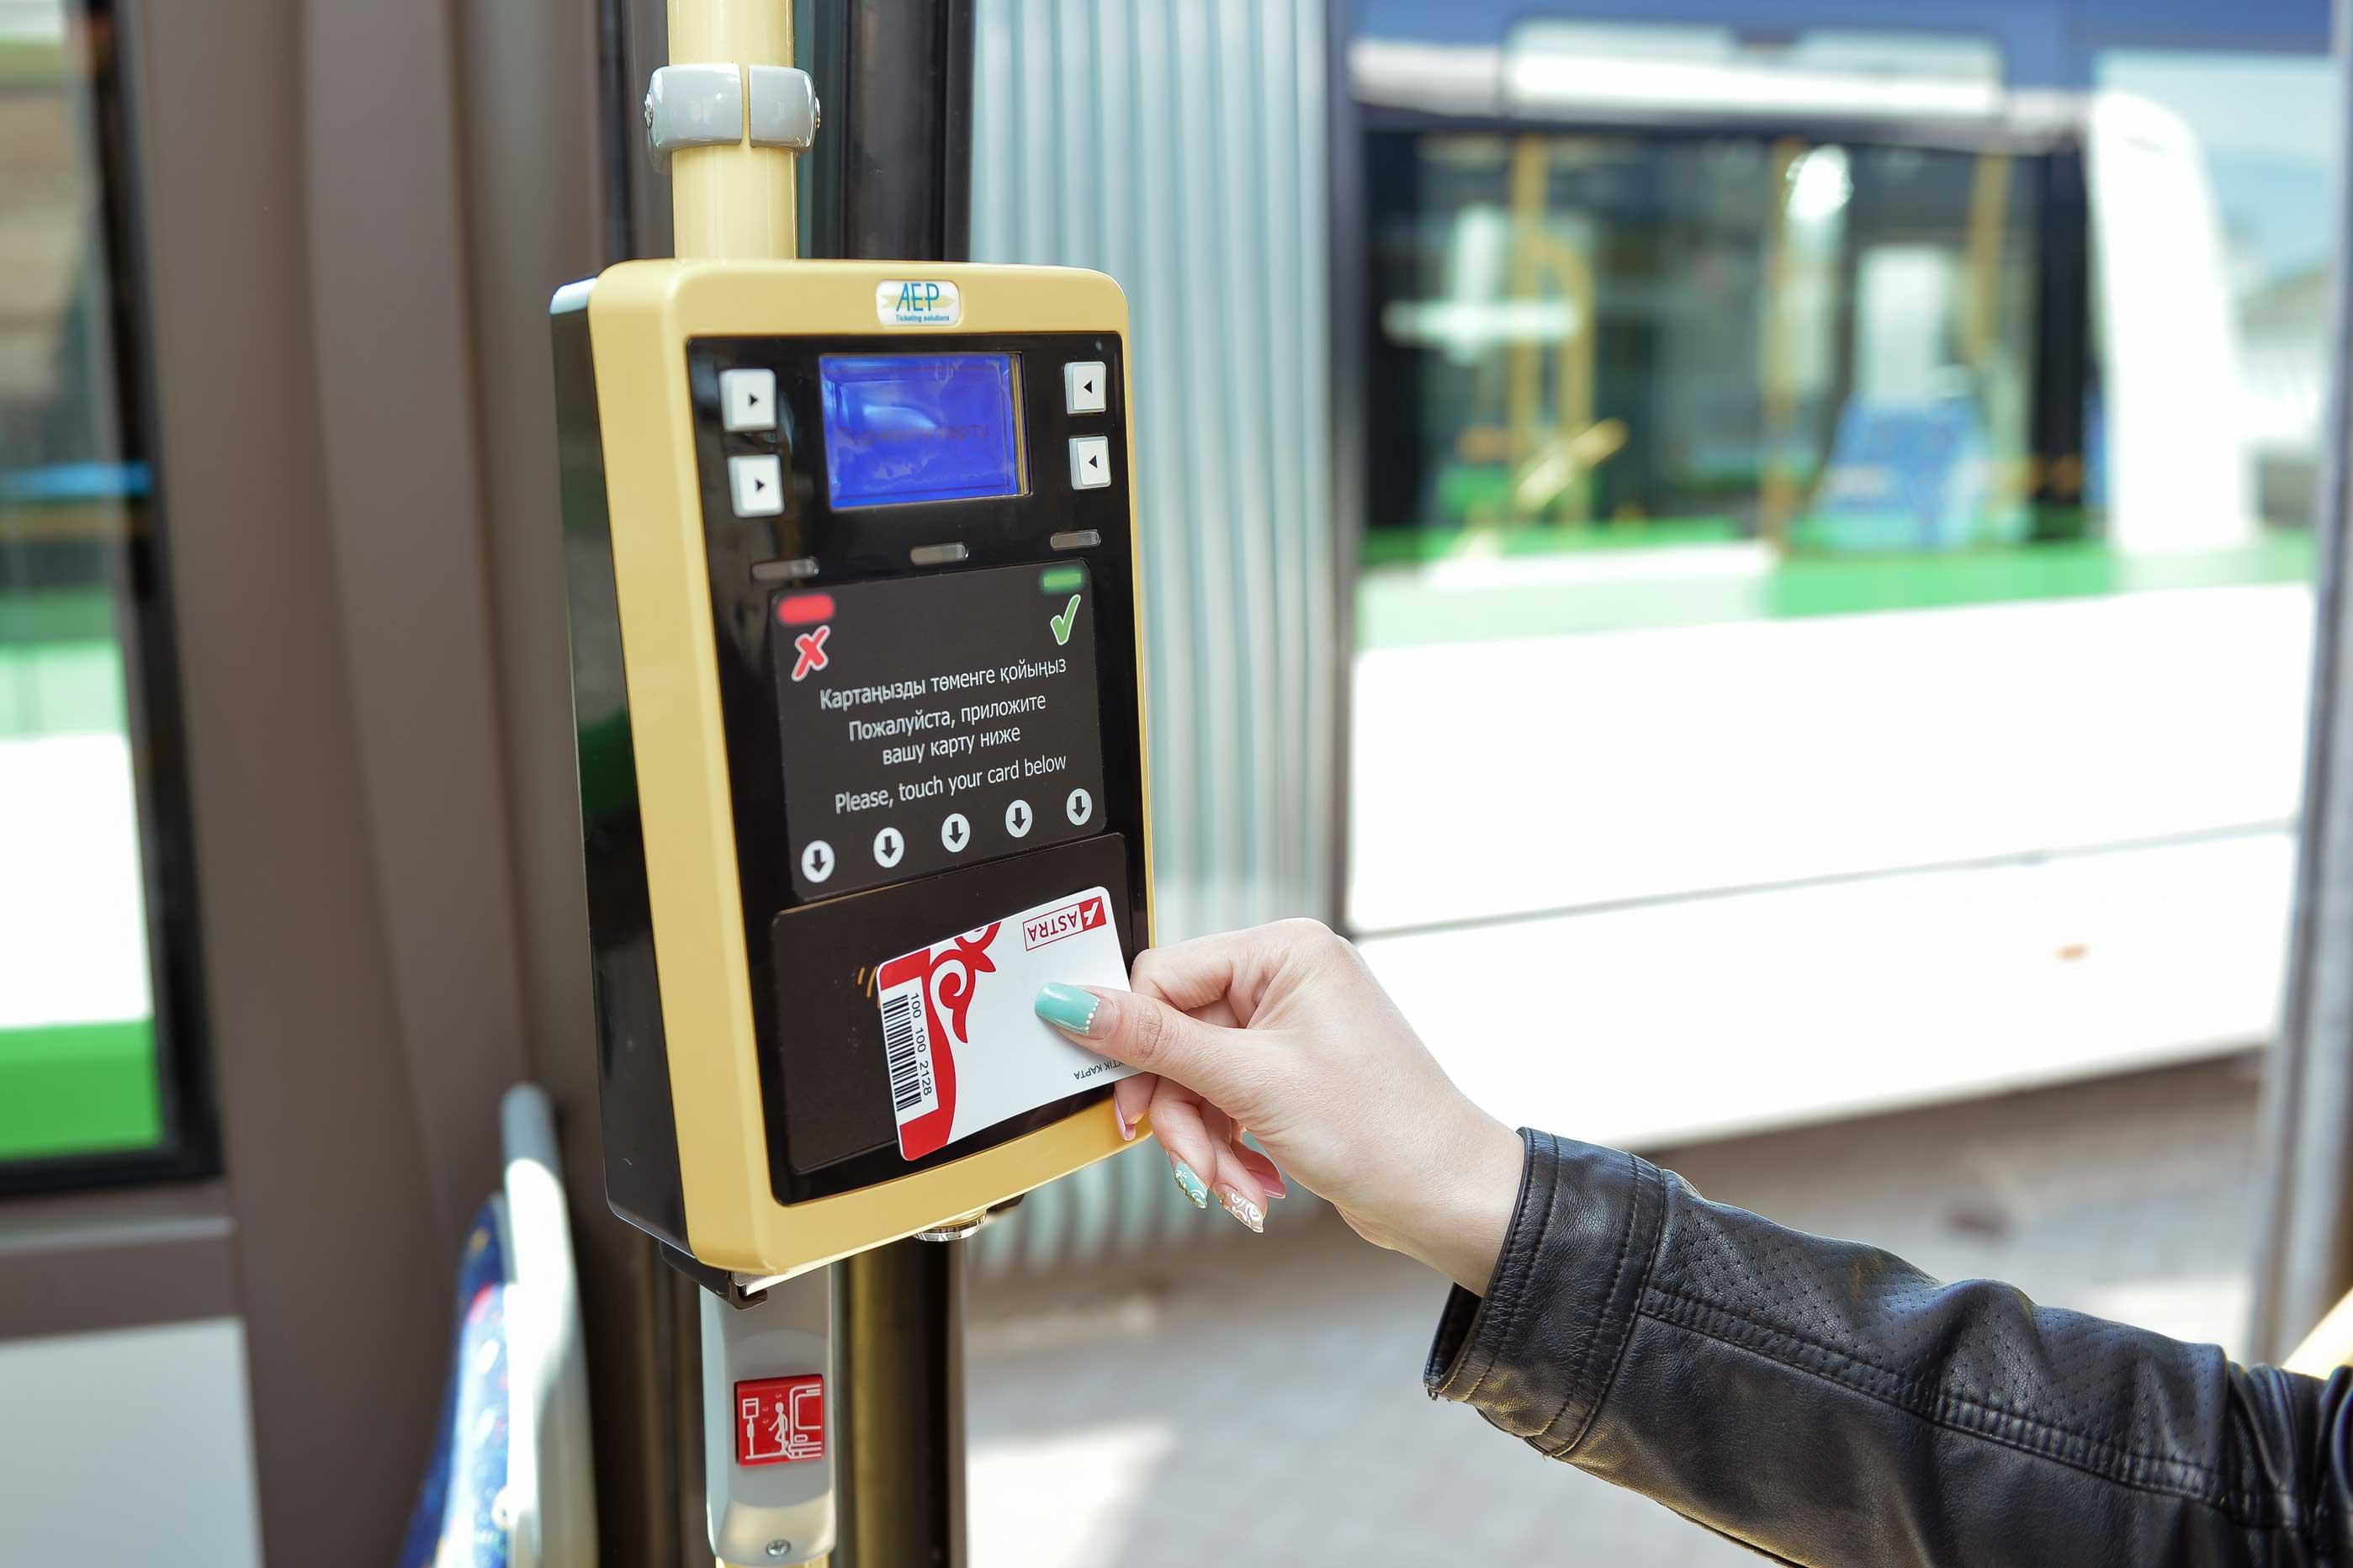 Более 100 агентских точек  откроет «Астана LRT» для пополнения транспортных карт